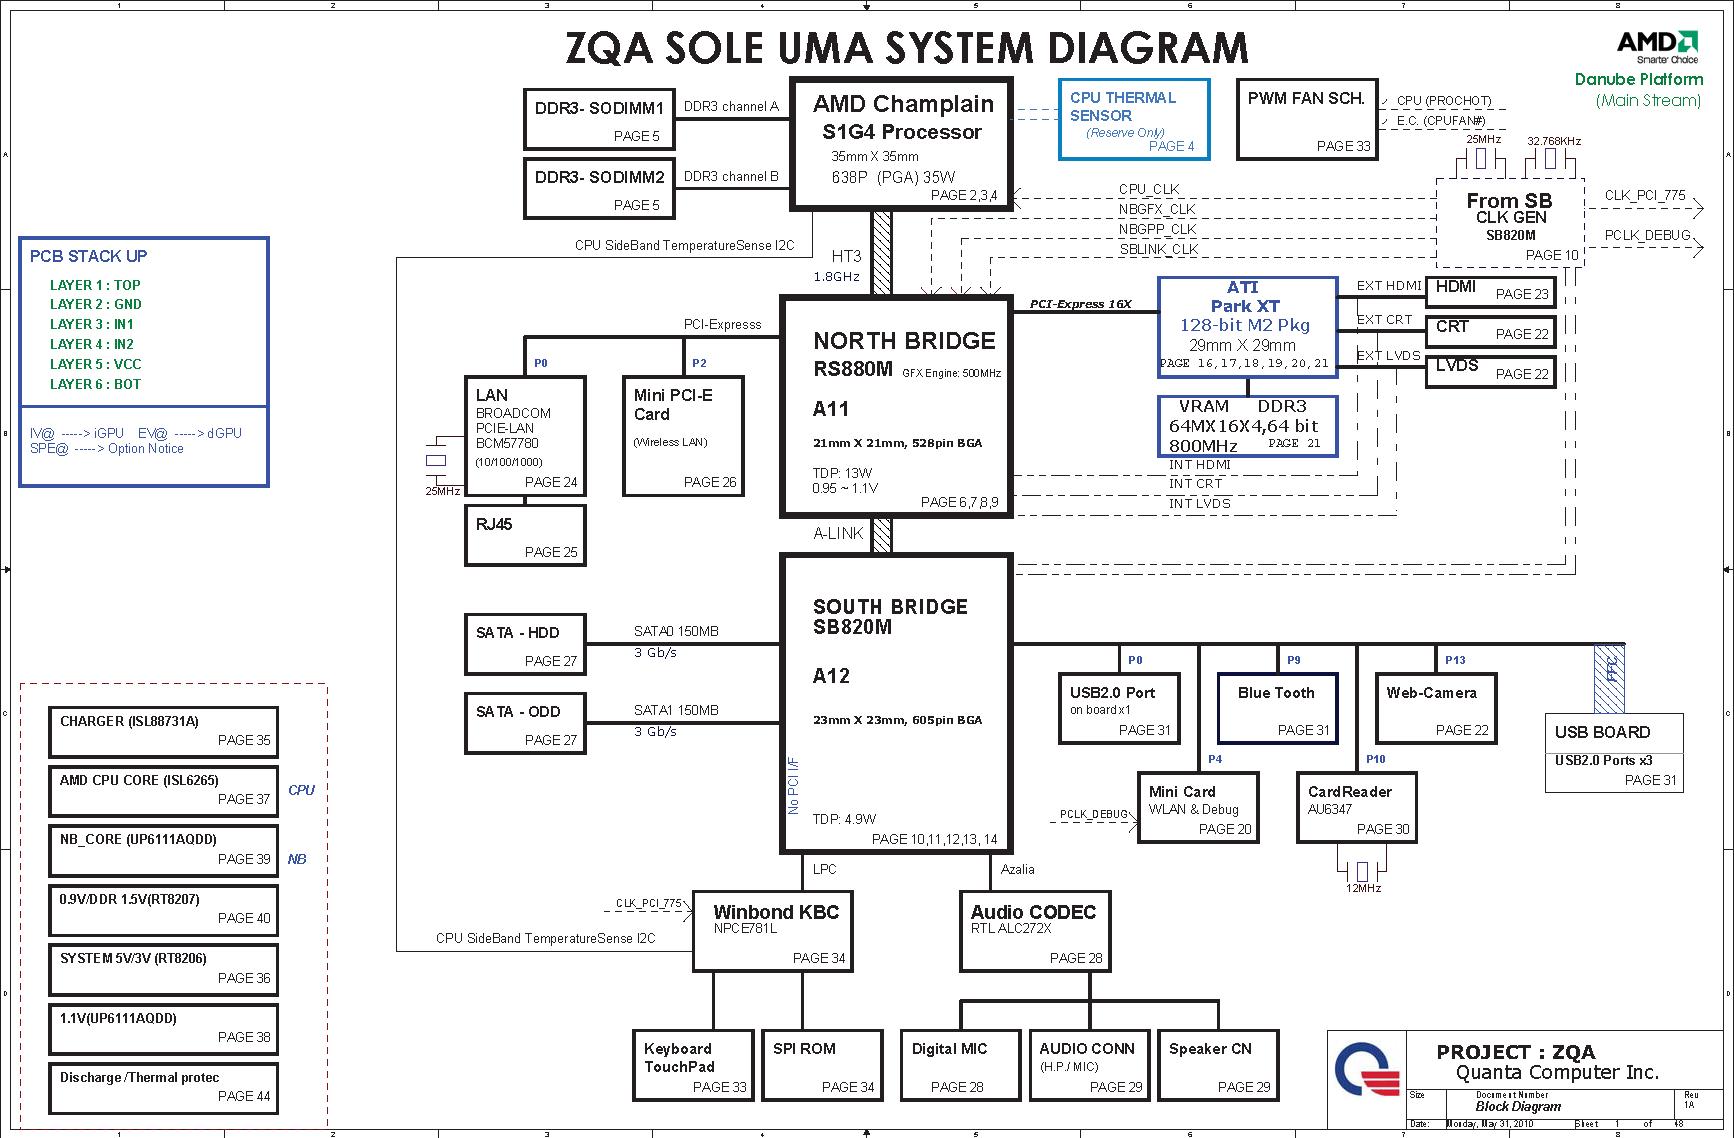 nokia e71 motherboard diagram